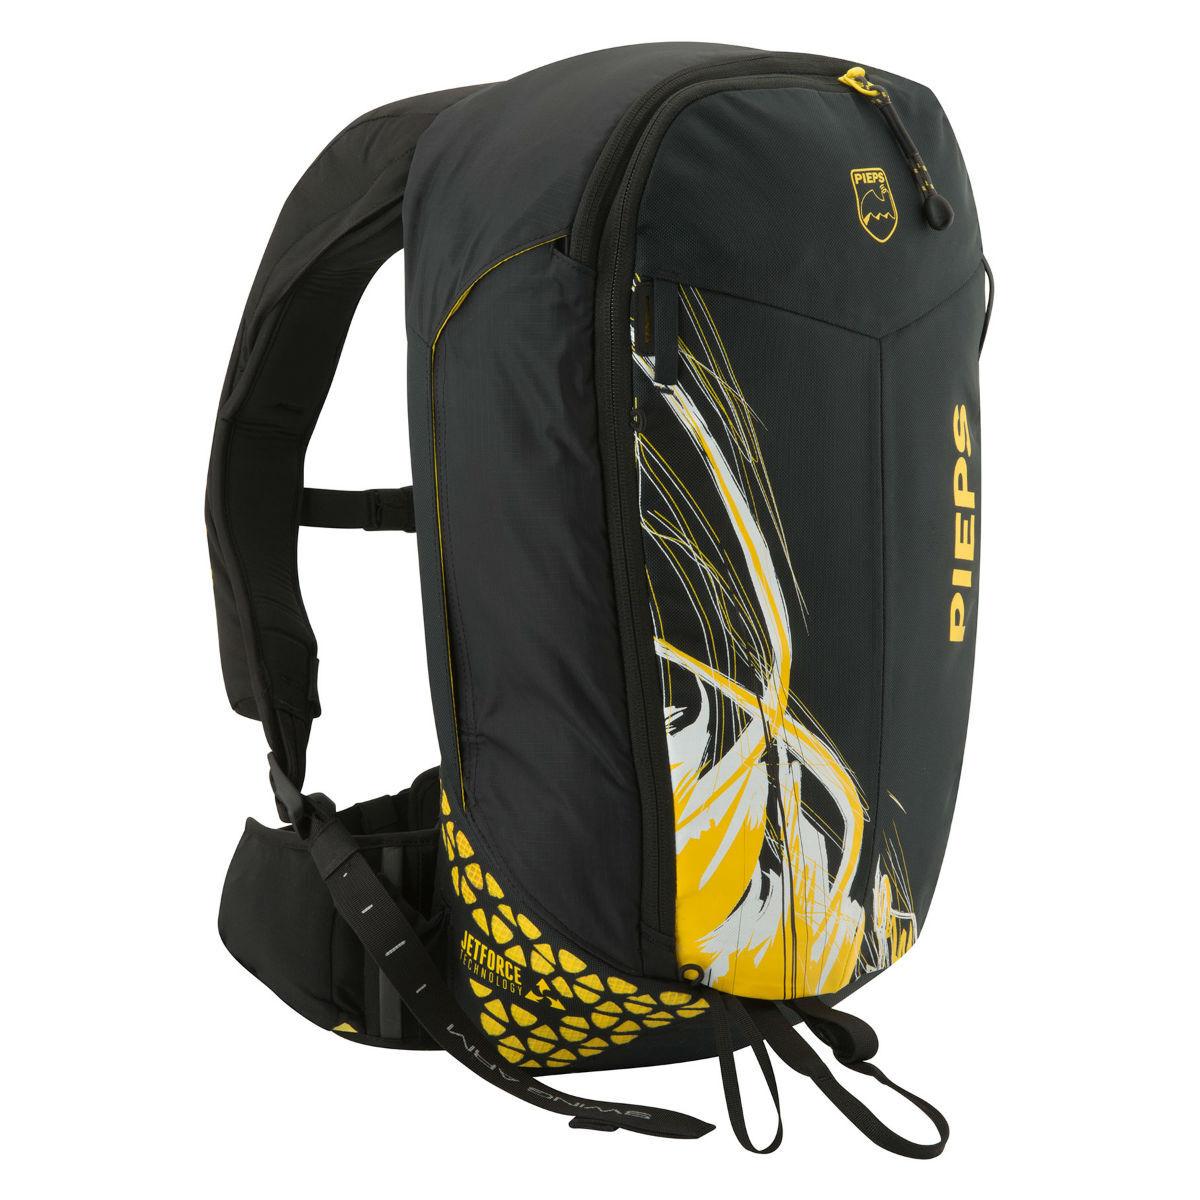 photo: Pieps JetForce Rider 10 avalanche airbag pack